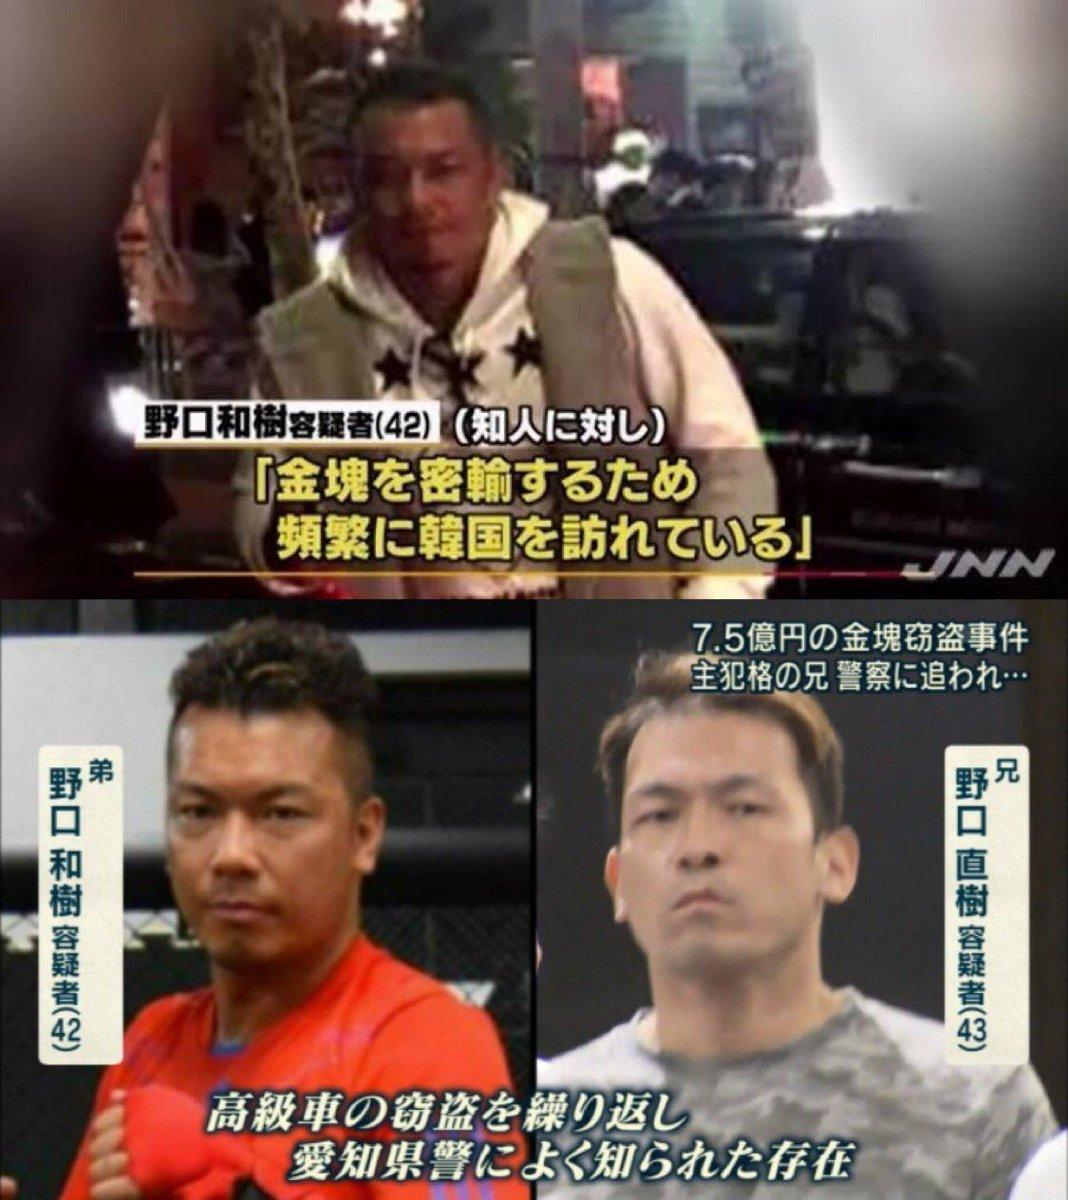 【速報】宮迫博之さん引退で夕方に記者会見!19日発売のフライデーが決定打か!?